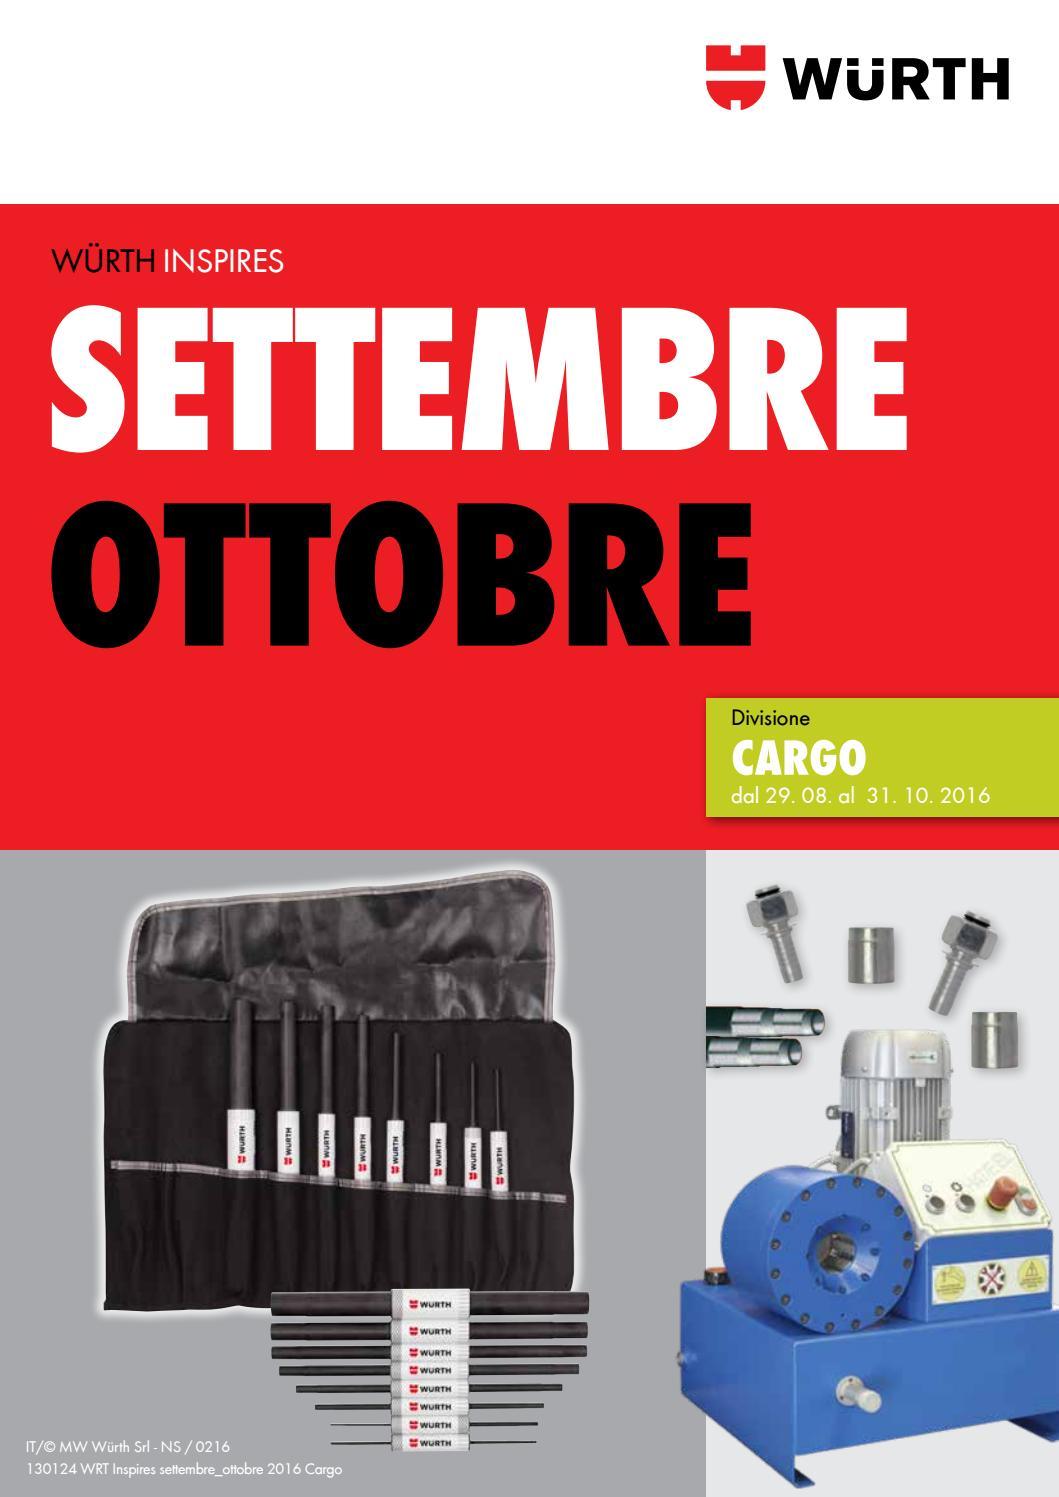 Inspires settembre ottobre 2016 cargo by w rth italia issuu for B b italia carugo